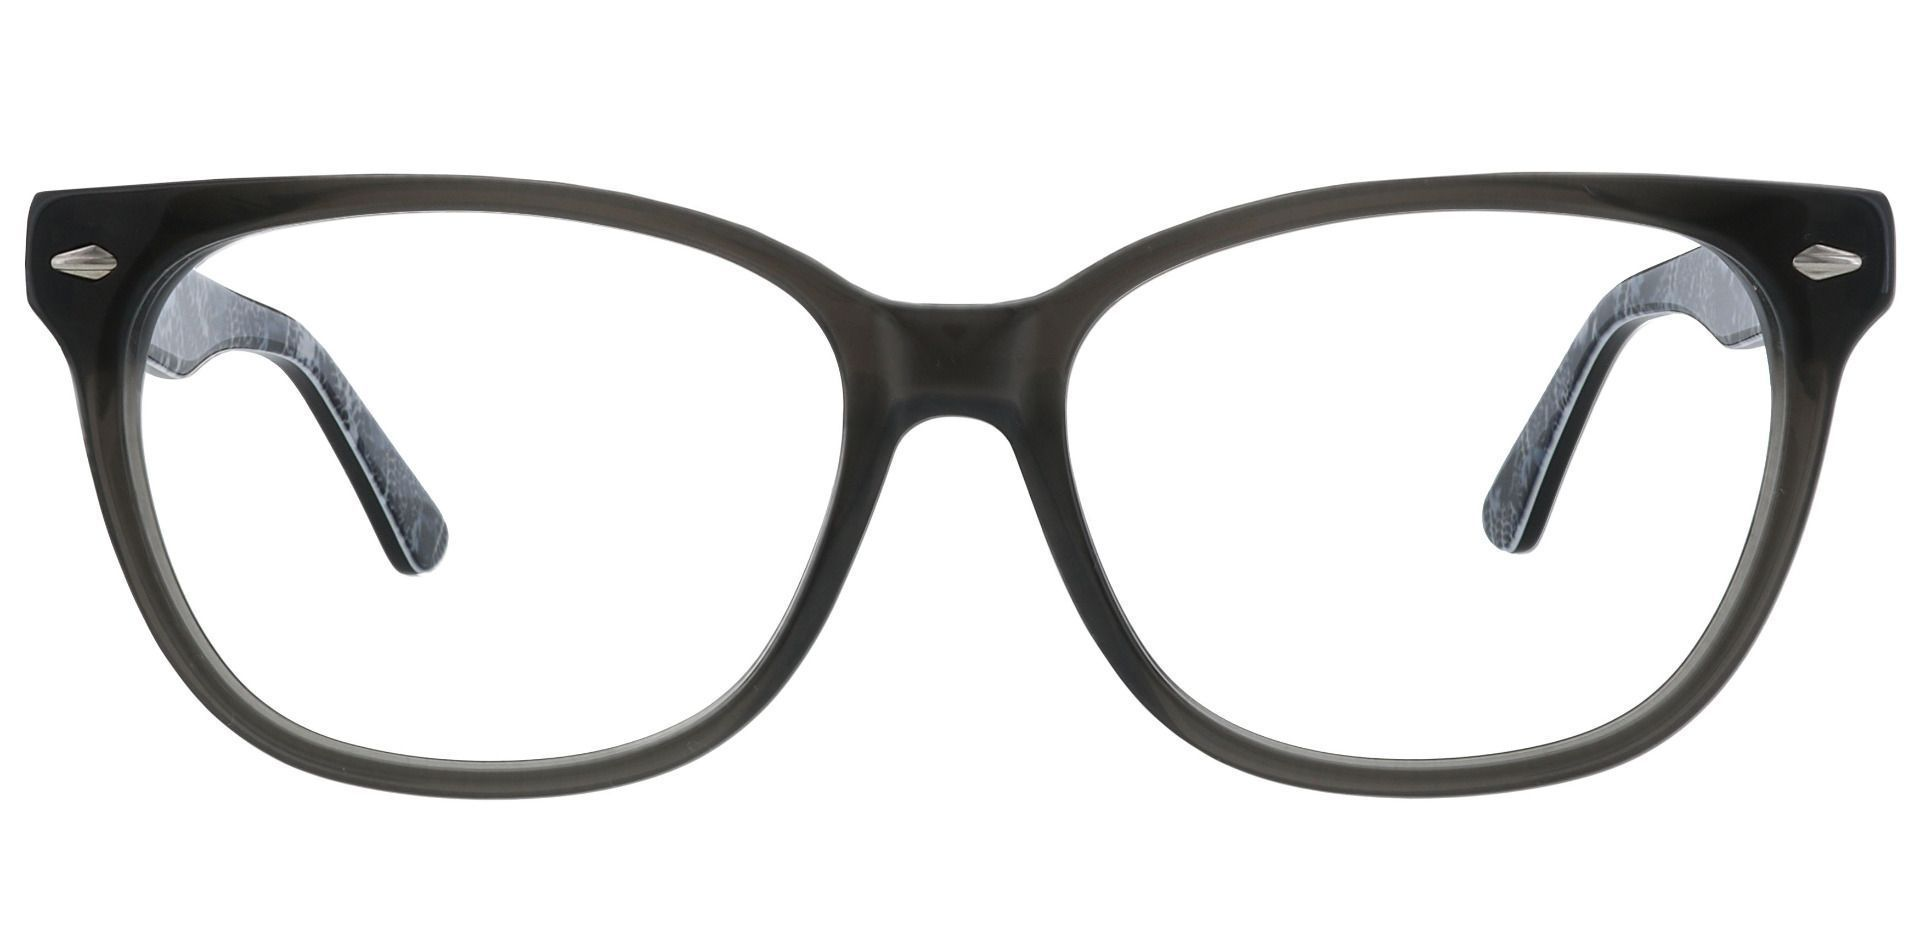 Patton Rectangle Prescription Glasses - Black